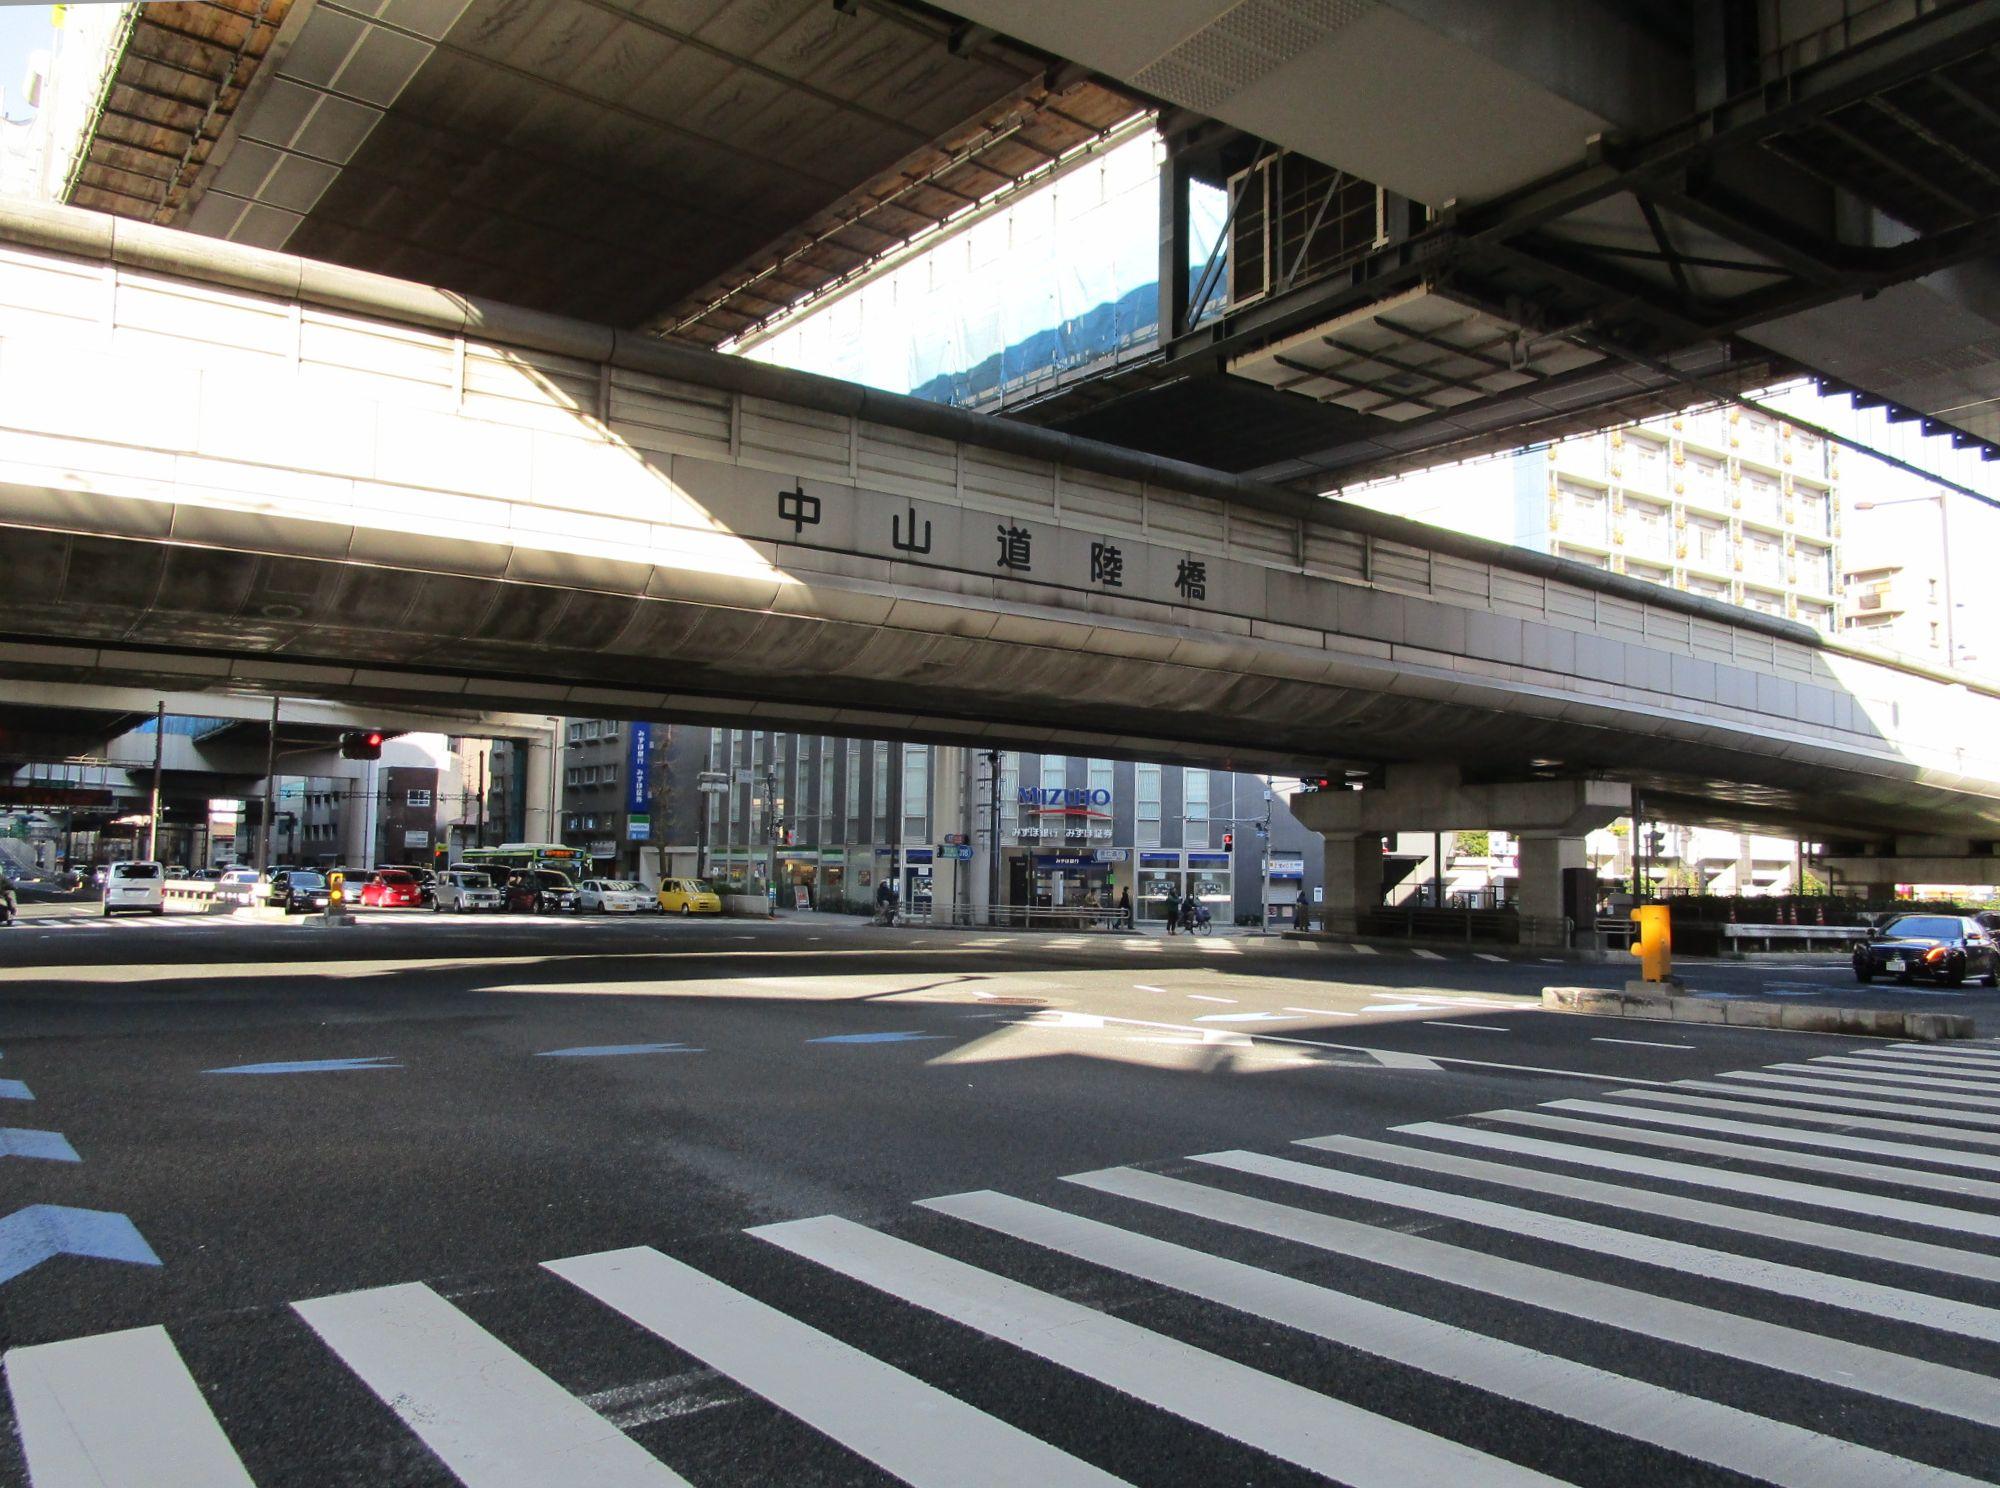 都営三田線 板橋本町駅駅前(周辺)